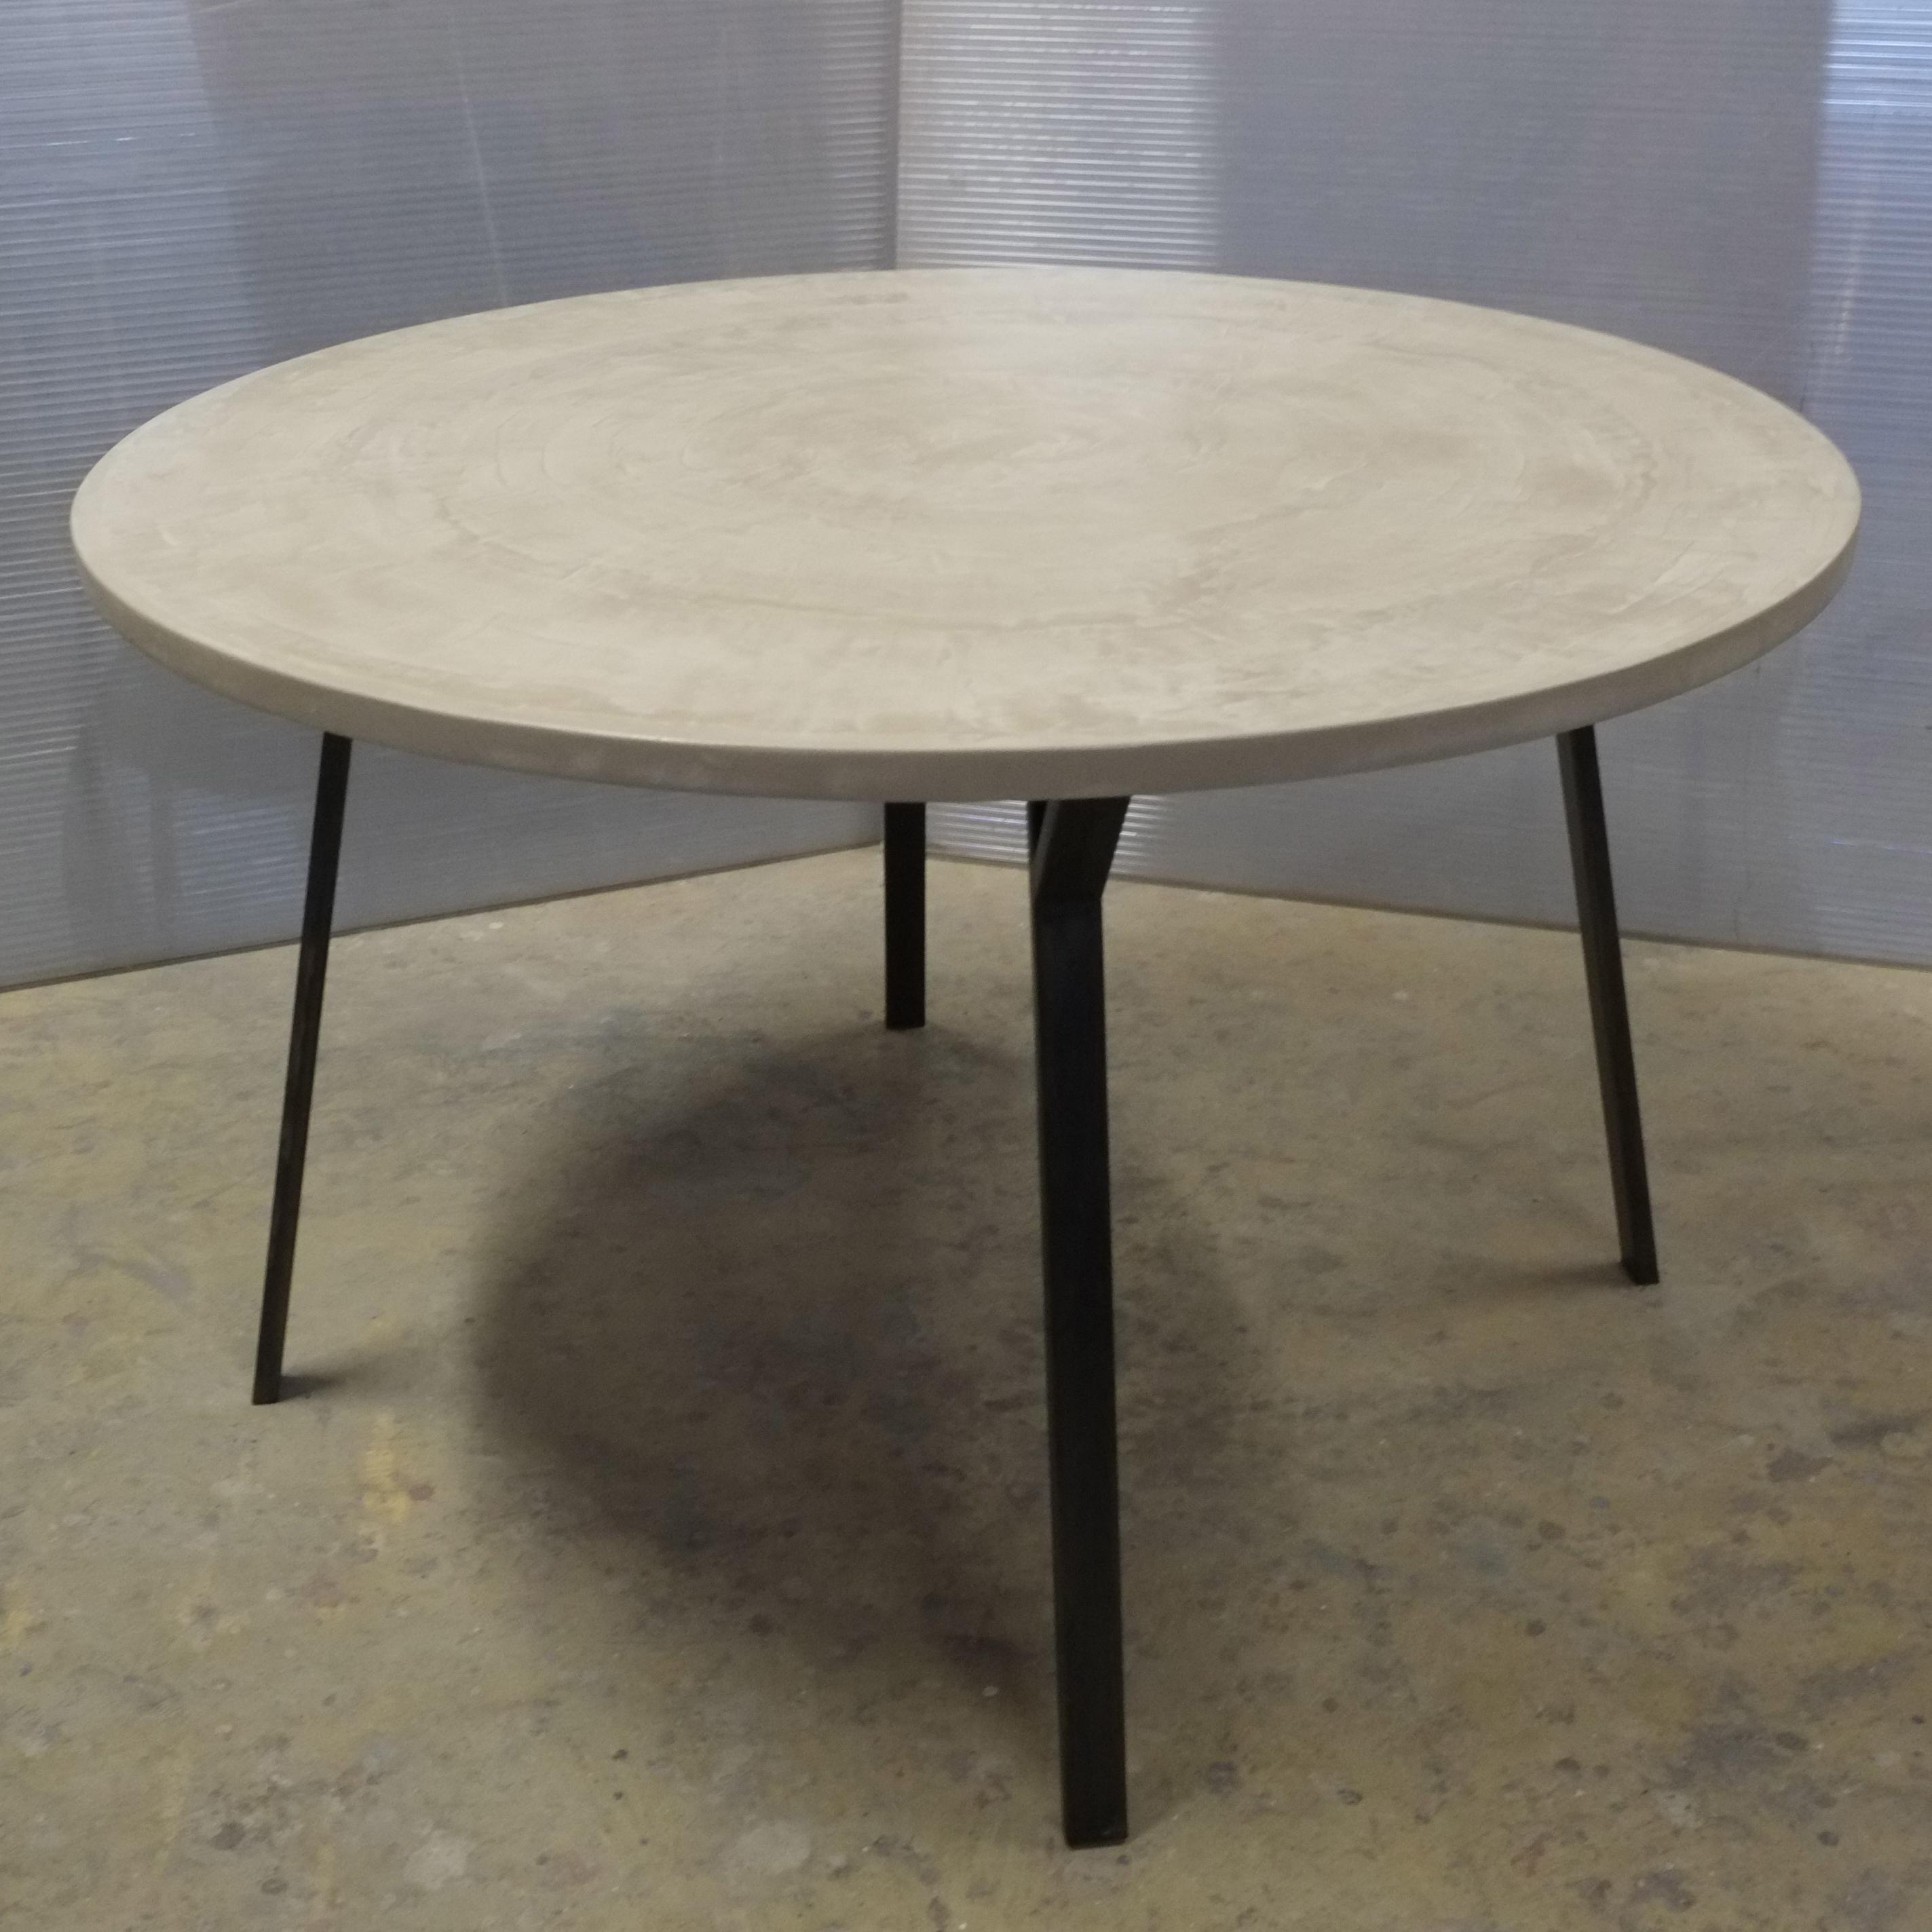 Table en béton sur mesure - Meubles industriel | Anna Colore Industriale